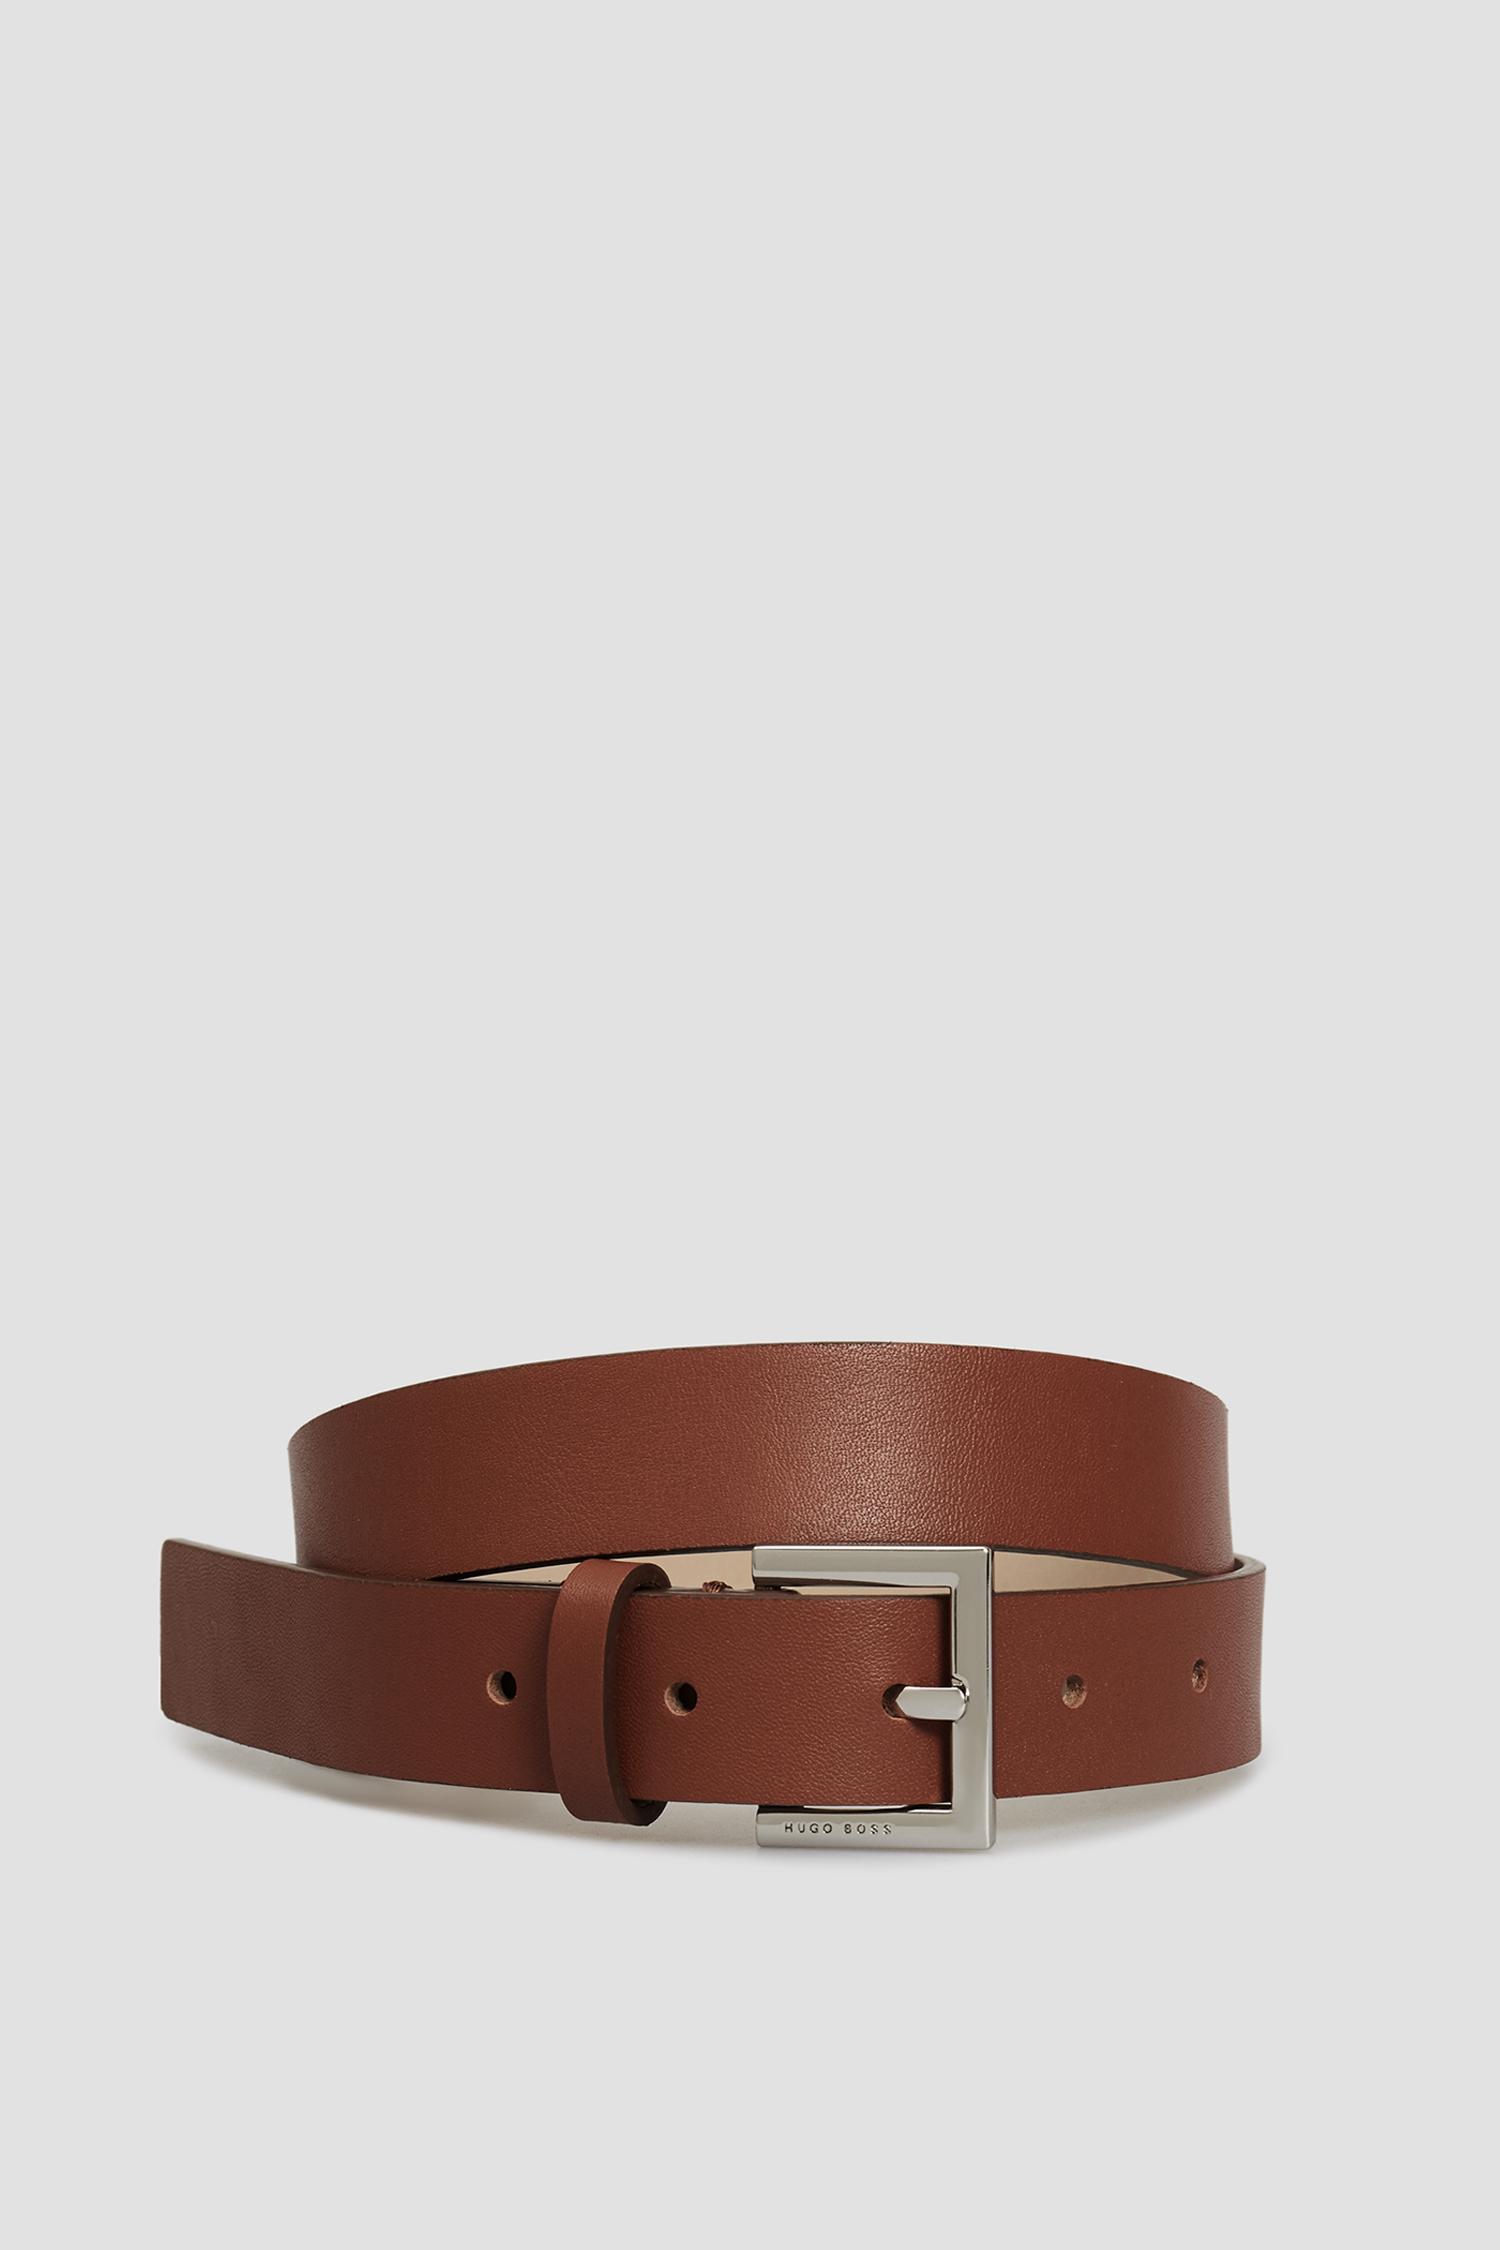 Женский коричневый кожаный ремень BOSS 50413182;224